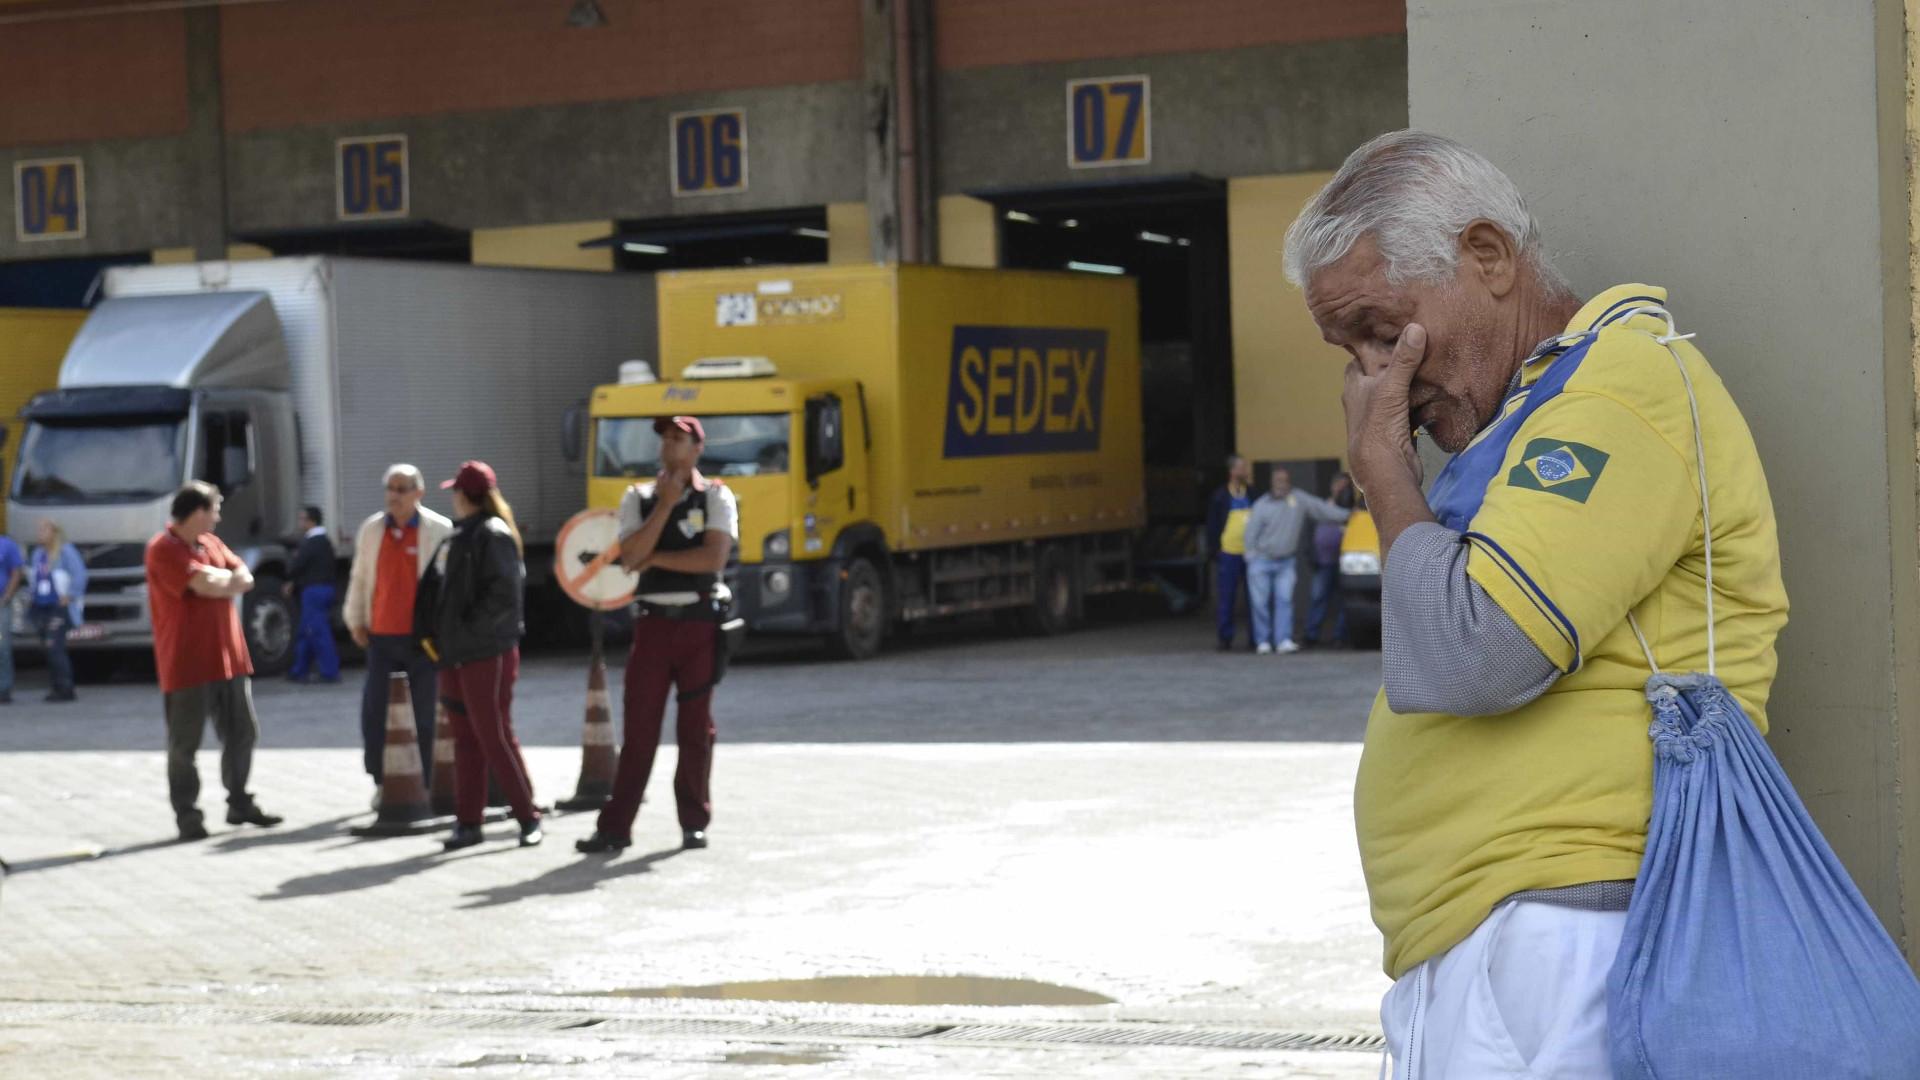 Correios encerram oferta de serviços bancários por medo de assaltos